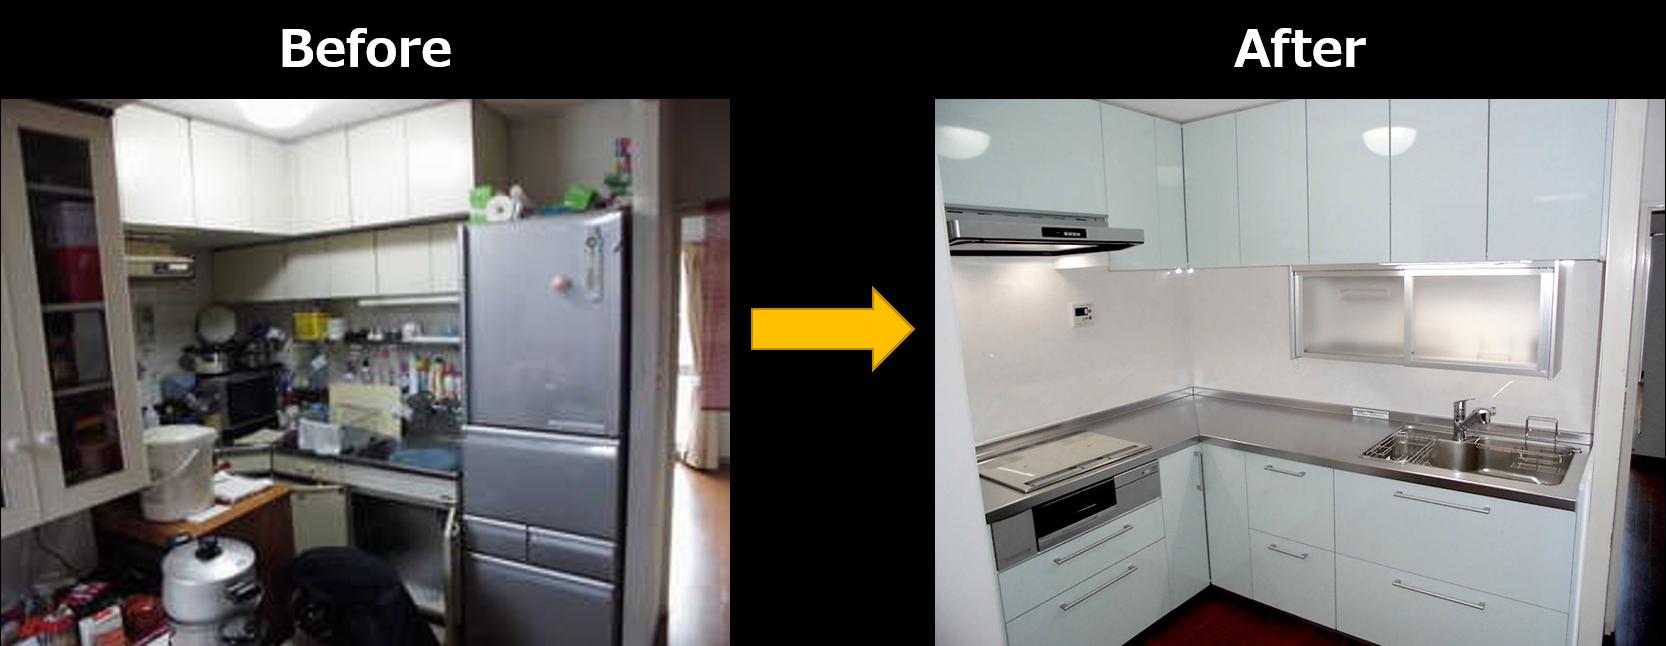 プラン1.今より大きいキッチンに交換2